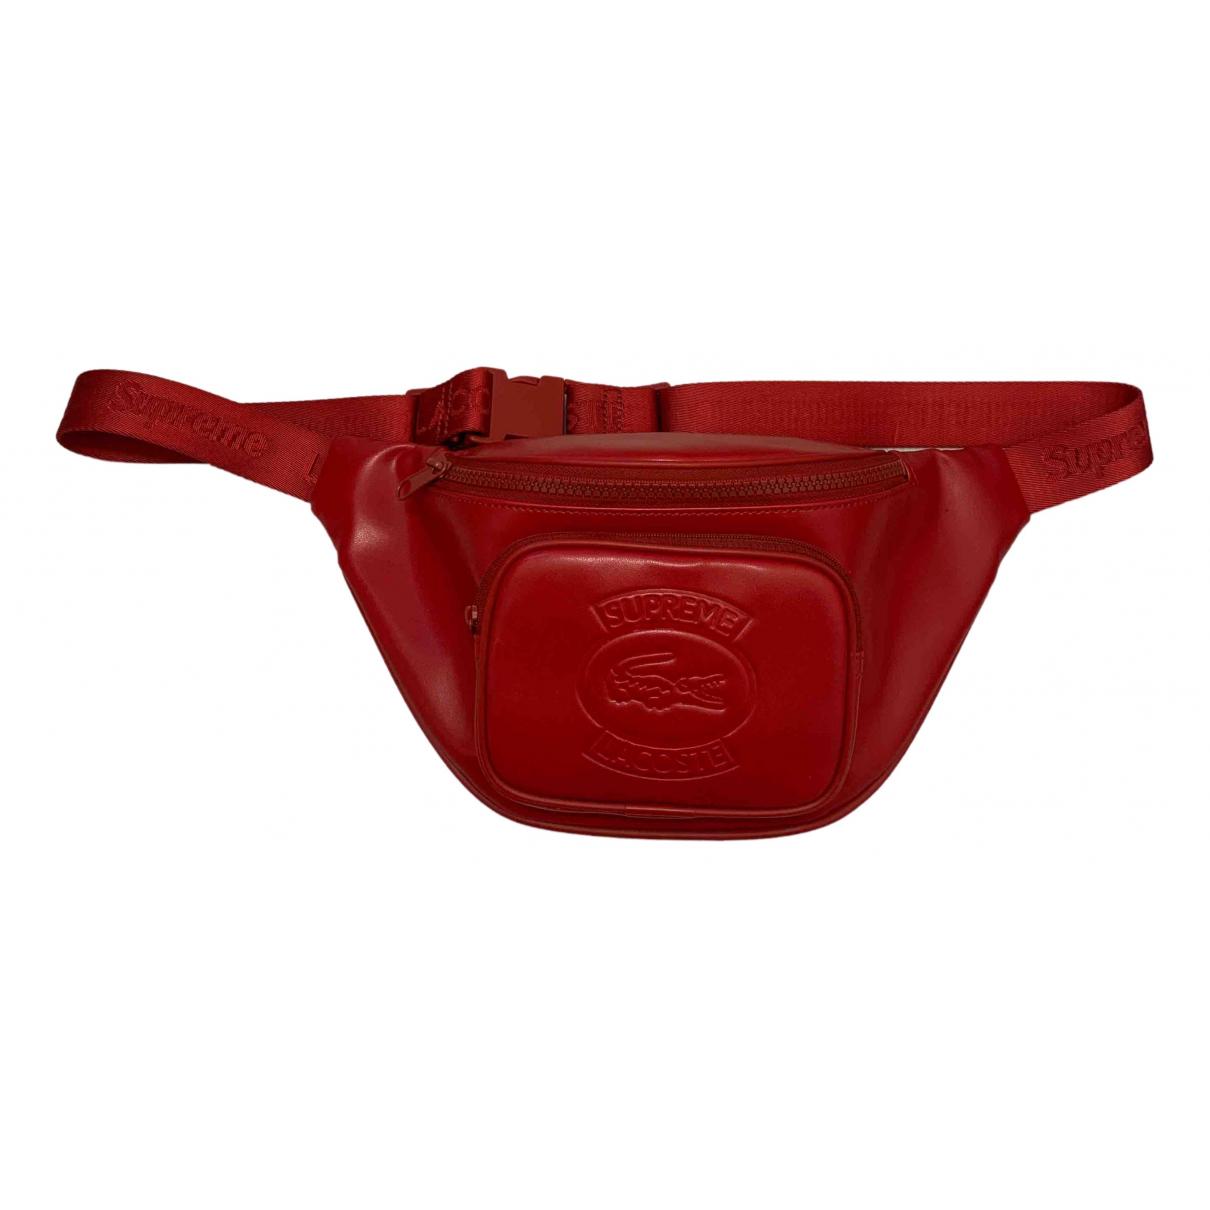 Lacoste X Supreme - Petite maroquinerie   pour homme en cuir - rouge